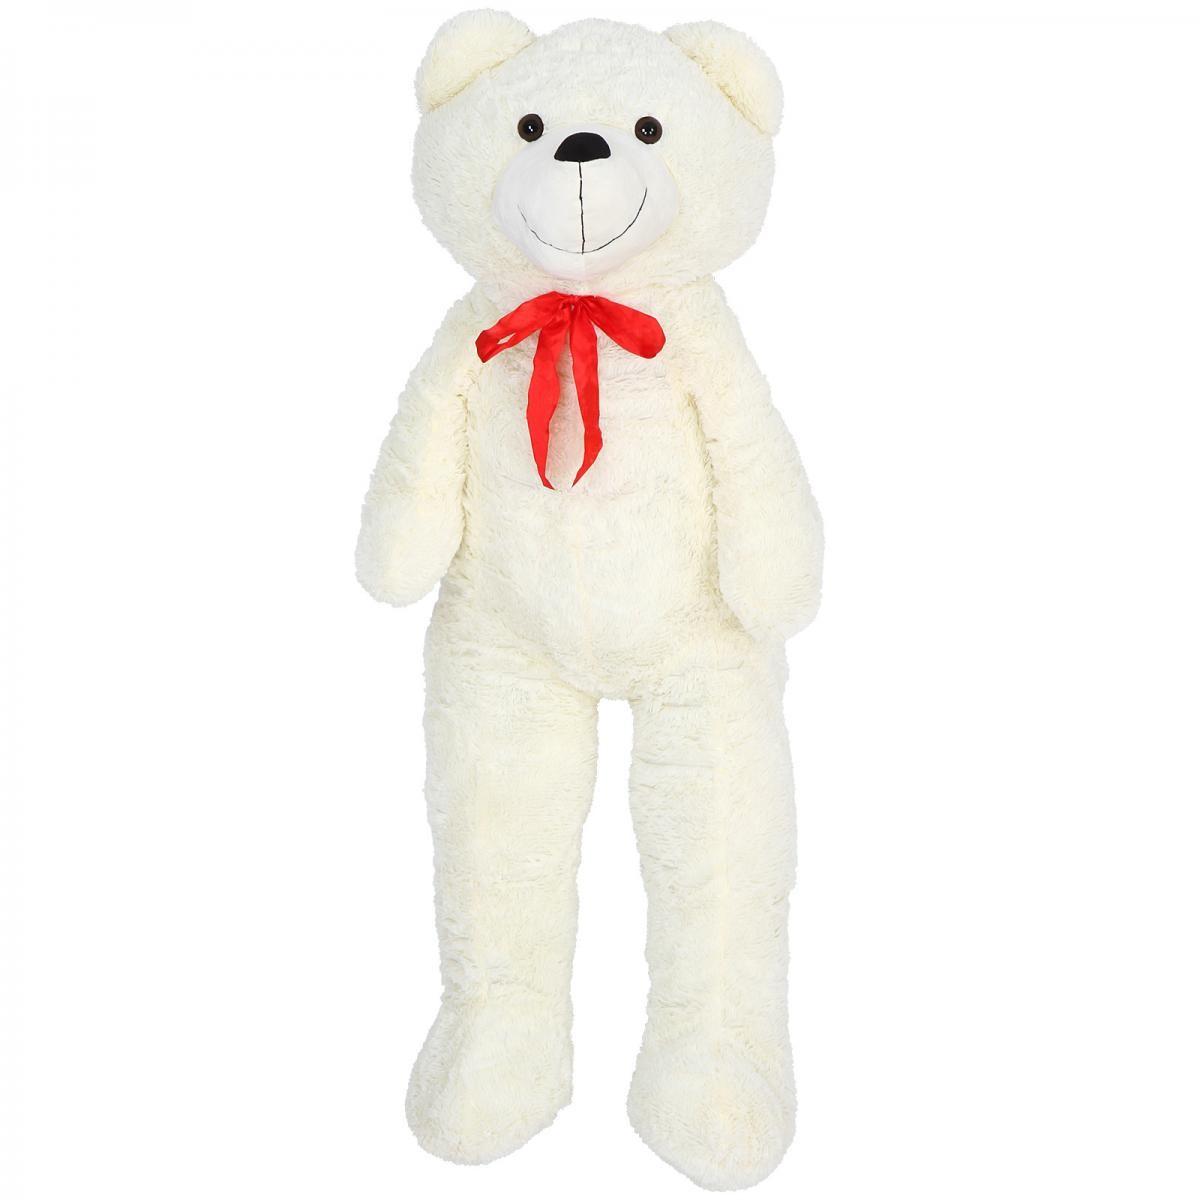 Tolle Teddybär Färbung Blatt Fotos - Druckbare Malvorlagen - amaichi ...